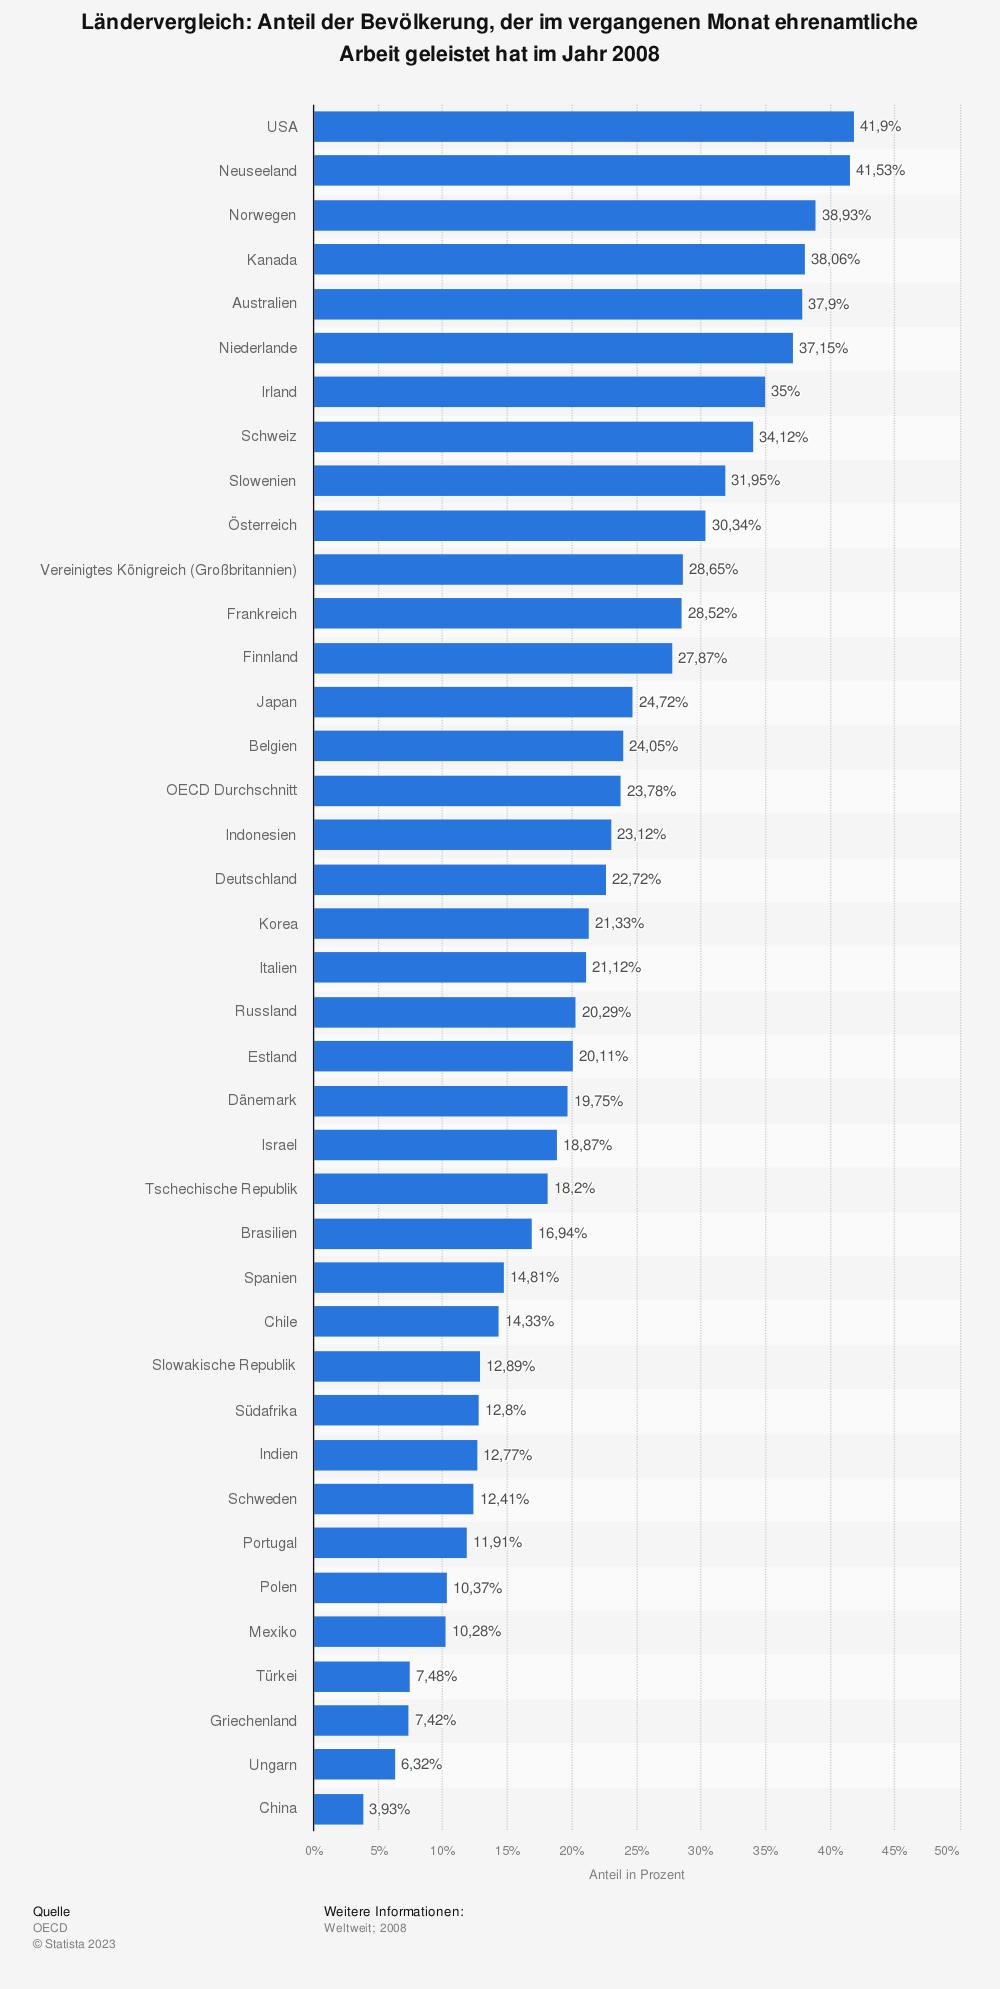 Statistik: Ländervergleich: Anteil der Bevölkerung, der im vergangenen Monat ehrenamtliche Arbeit geleistet hat im Jahr 2008 | Statista